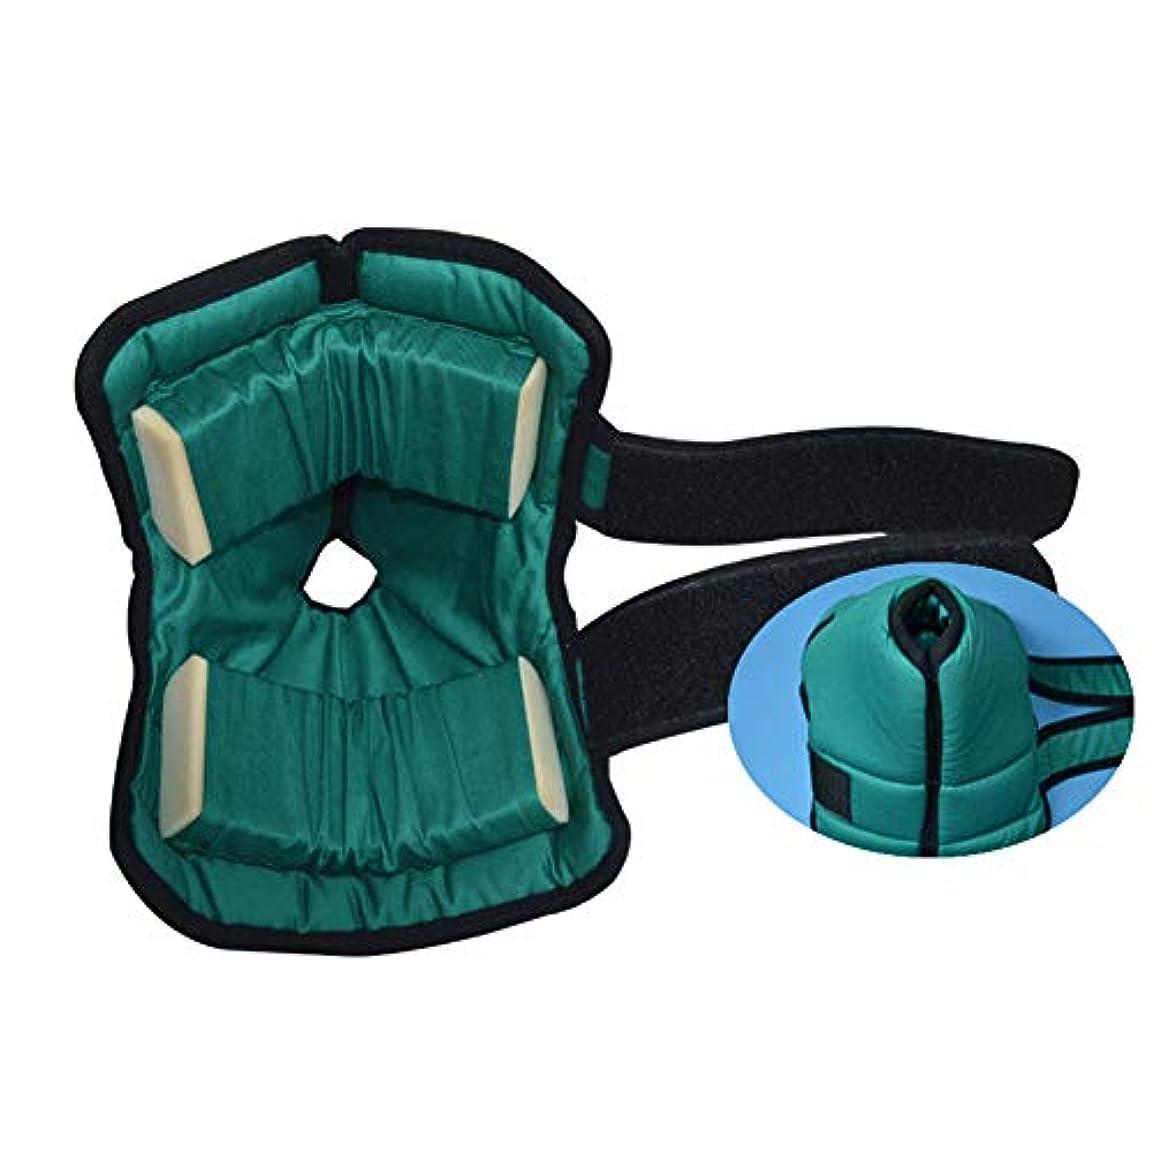 ケイ素極めてほこりっぽいかかとプロテクター枕、足枕かかとクッションプロテクター、Pressure瘡予防のためのアキレス腱プロテクター、高齢者の足の補正カバー-1ペア